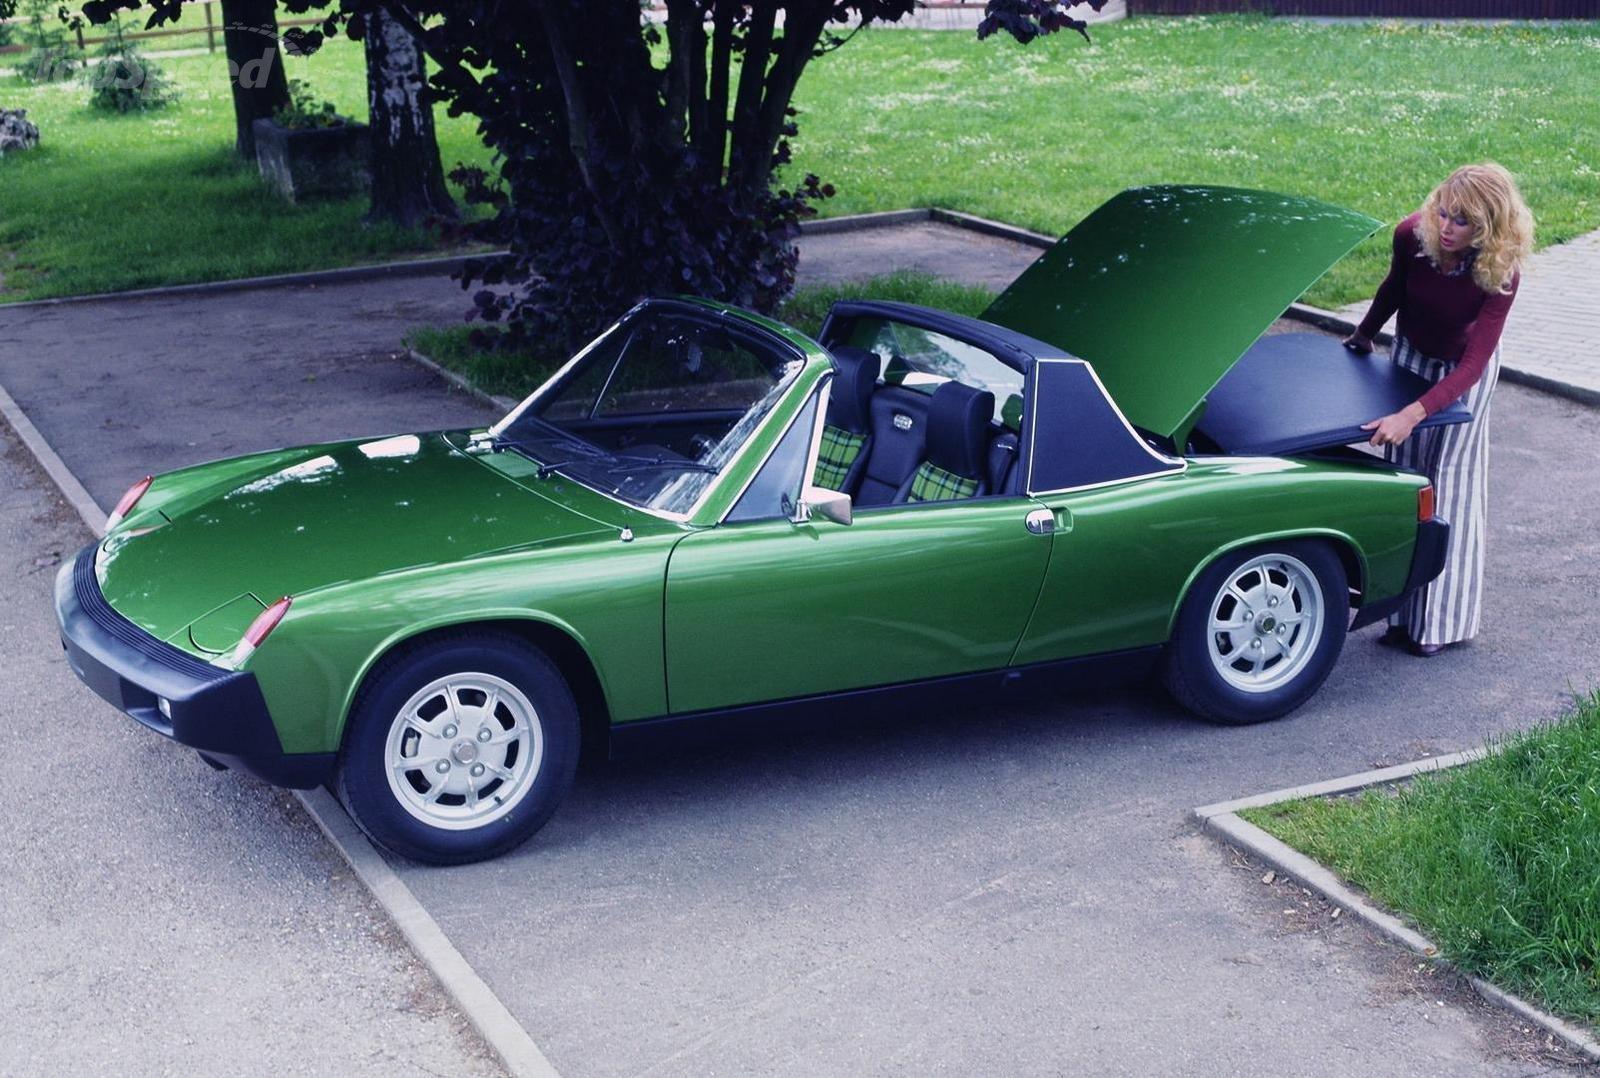 Friday Car Crush: Porsche 914